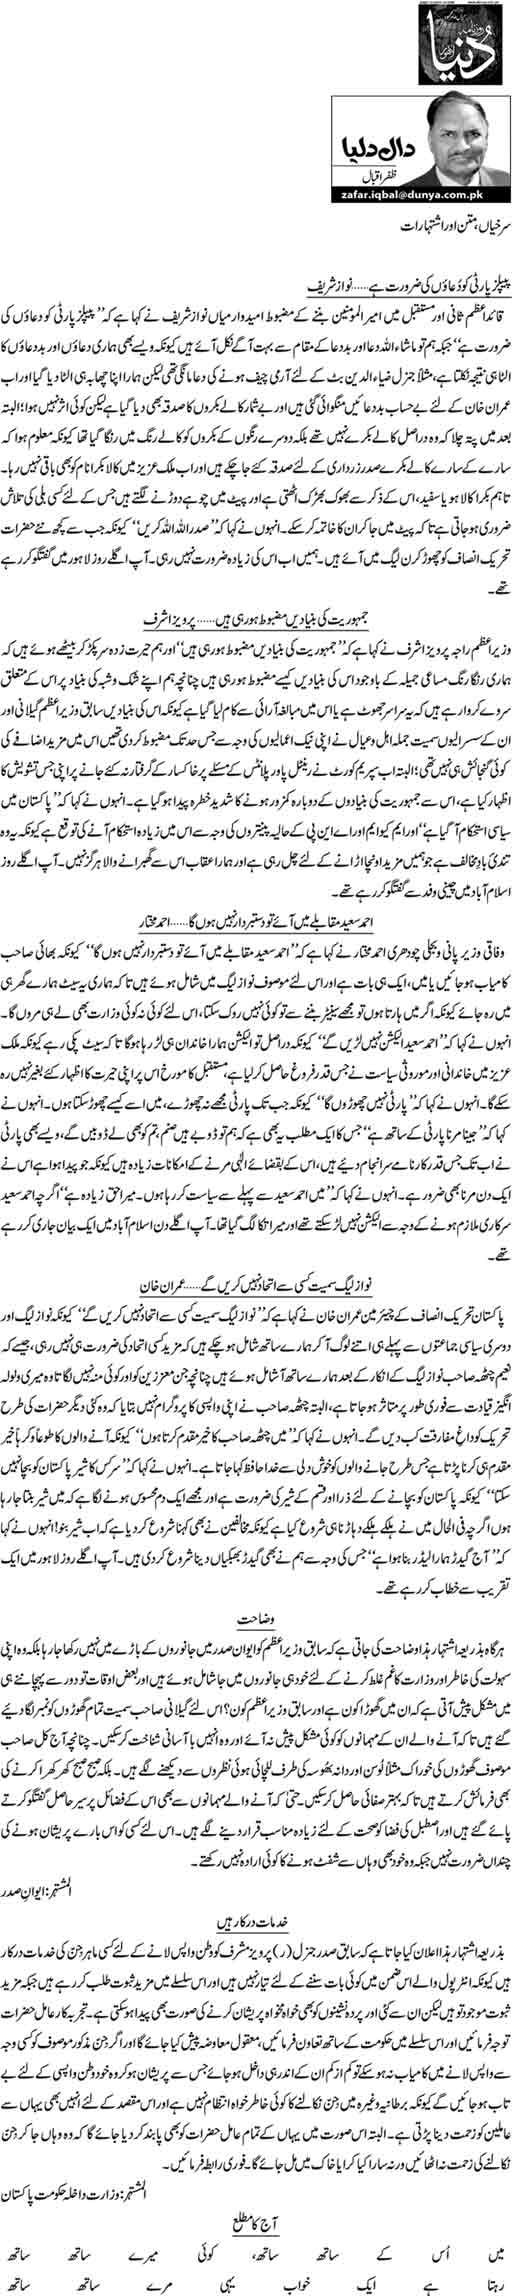 Surkhiyyan, matan aur ishtiharat - Zafar Iqbal